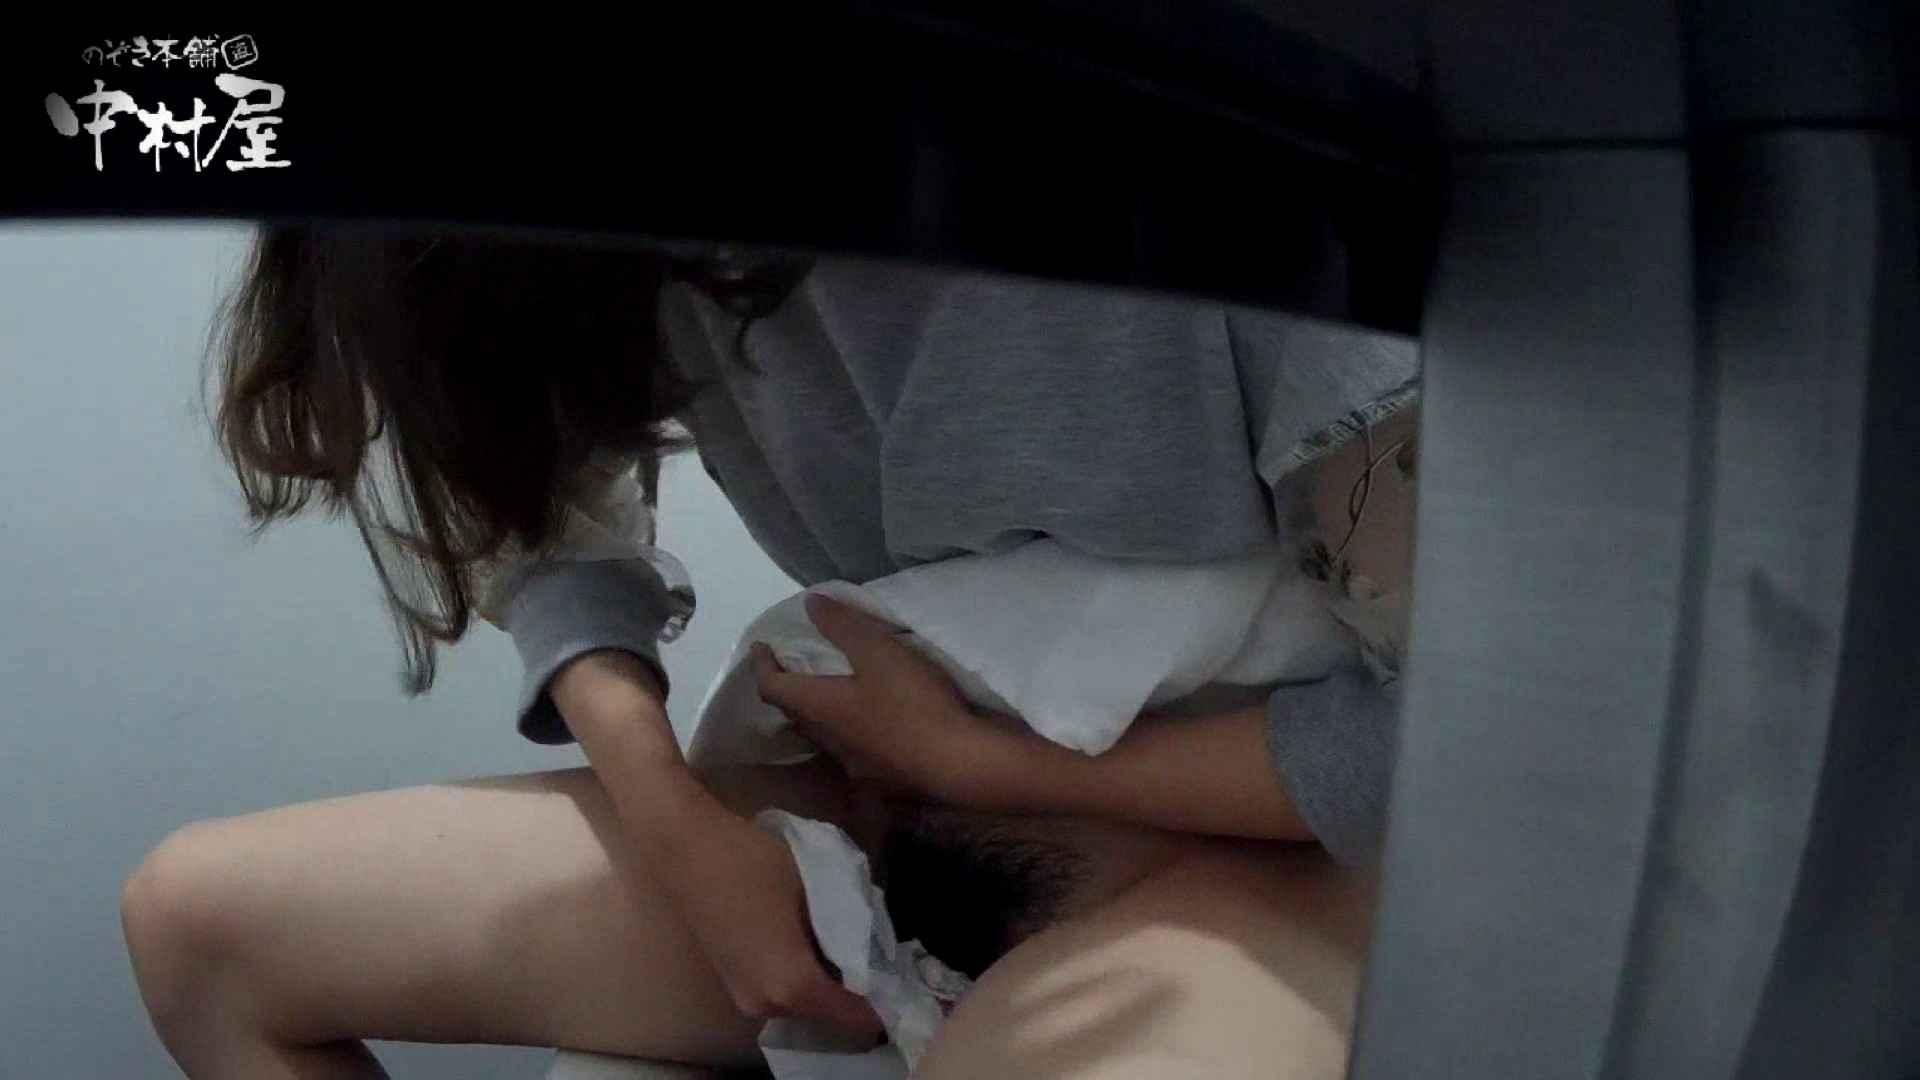 【某有名大学女性洗面所】有名大学女性洗面所 vol.40 ??おまじない的な動きをする子がいます。 和式   OLのプライベート  12pic 11